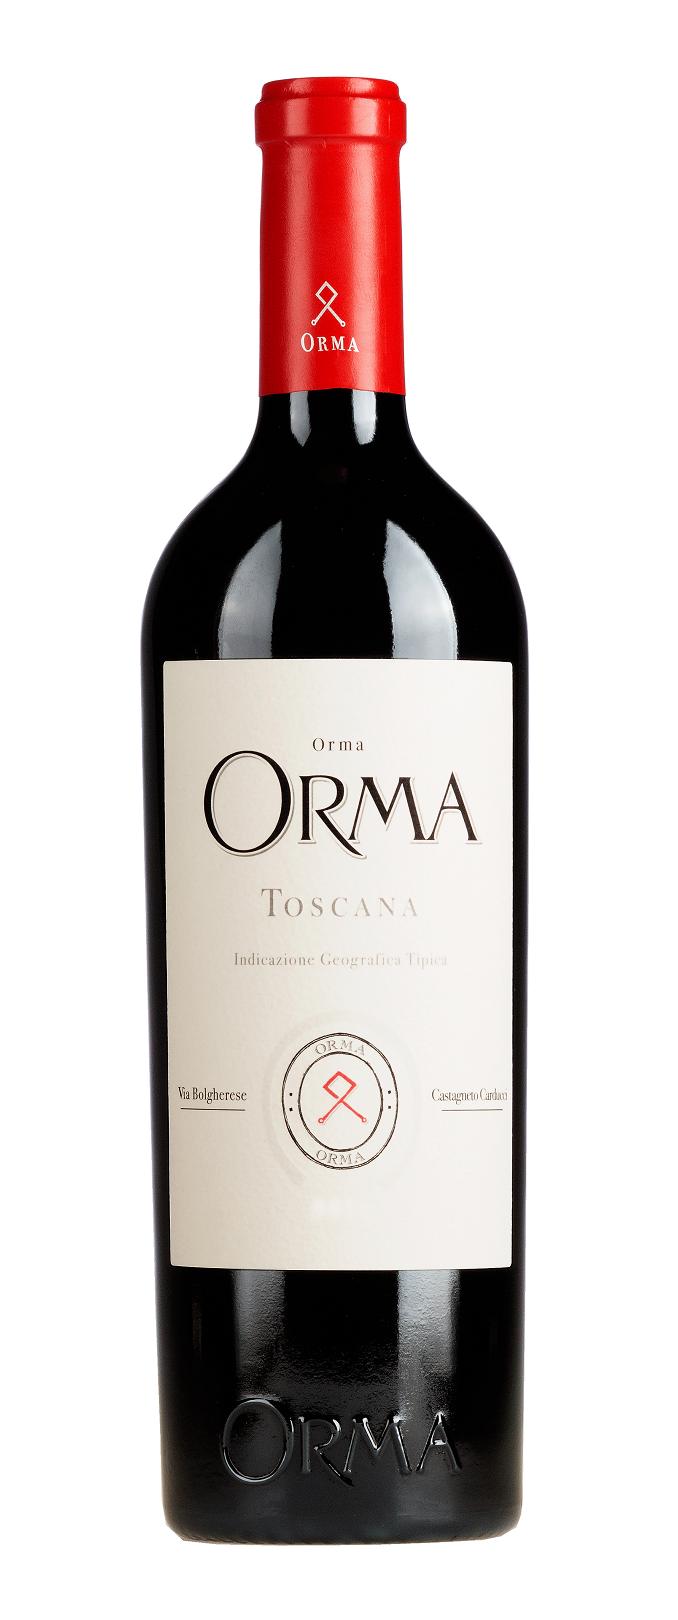 Sette Ponti, Tenuta - Toskana 2018 Orma Bolgheri rosso, Tenuta Orma